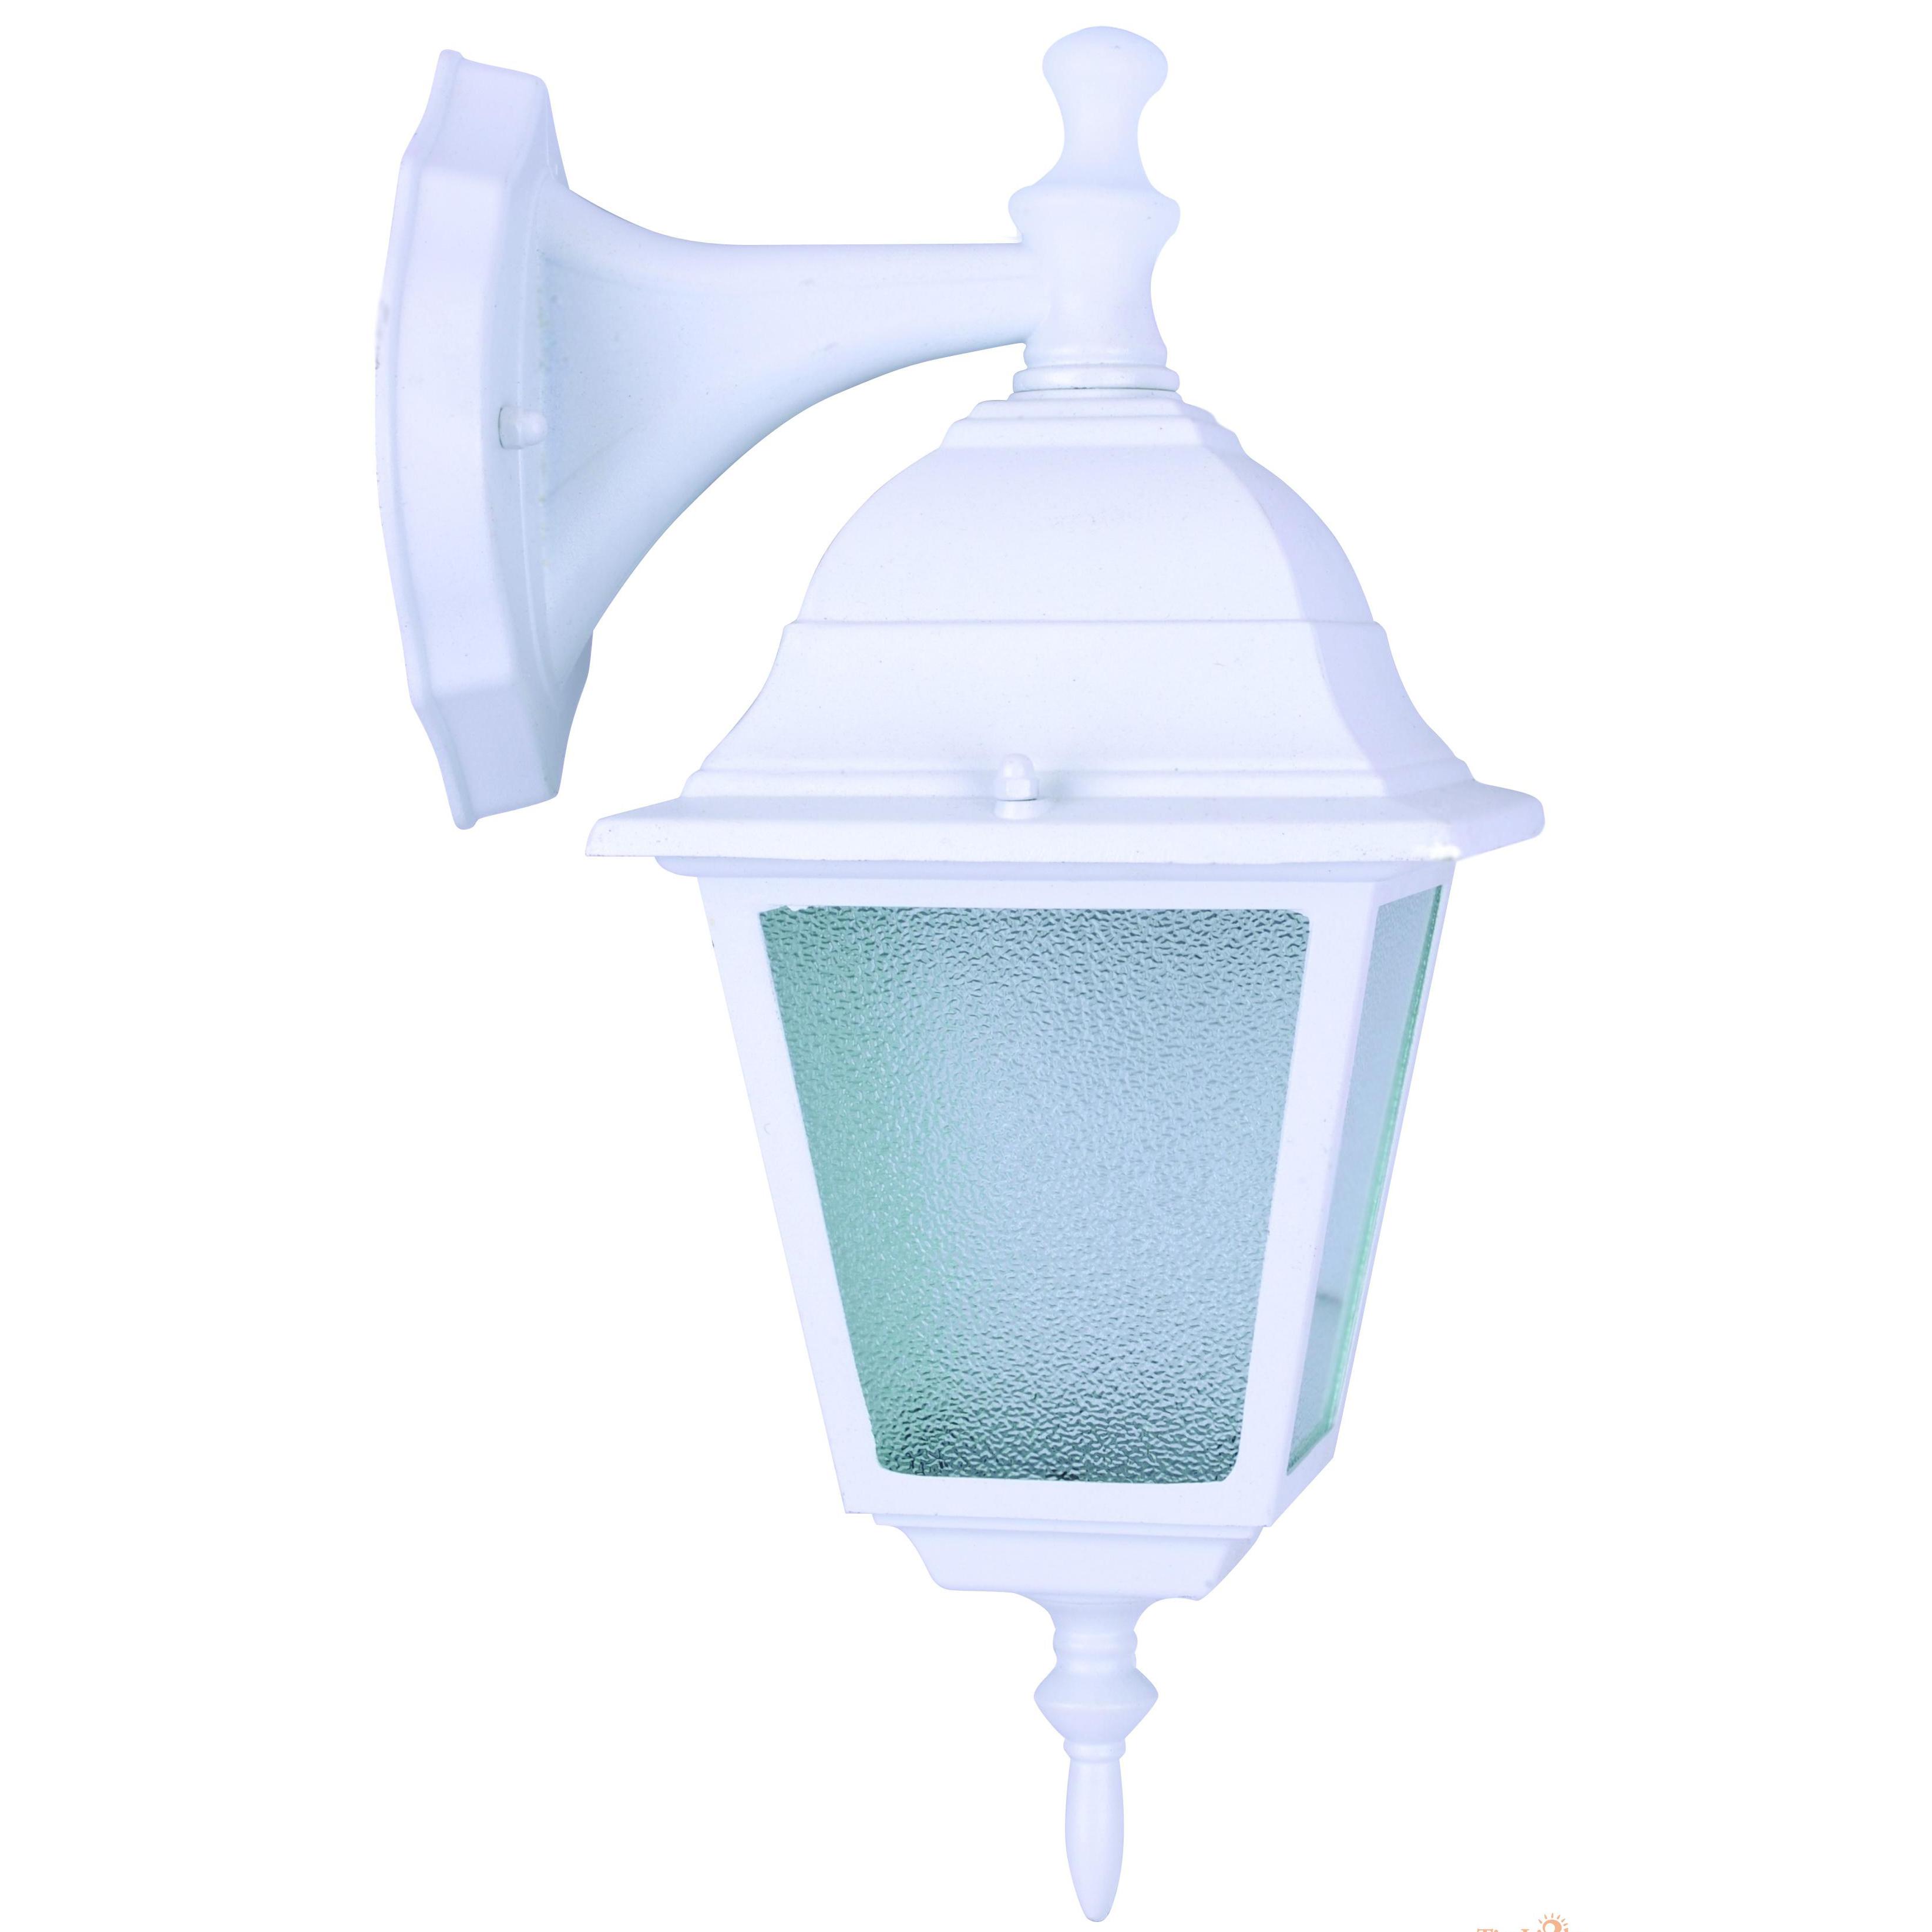 Светильник уличный Arte lamp Bremen a1012al-1wh уличный светильник artelamp bremen a1012al 1wh